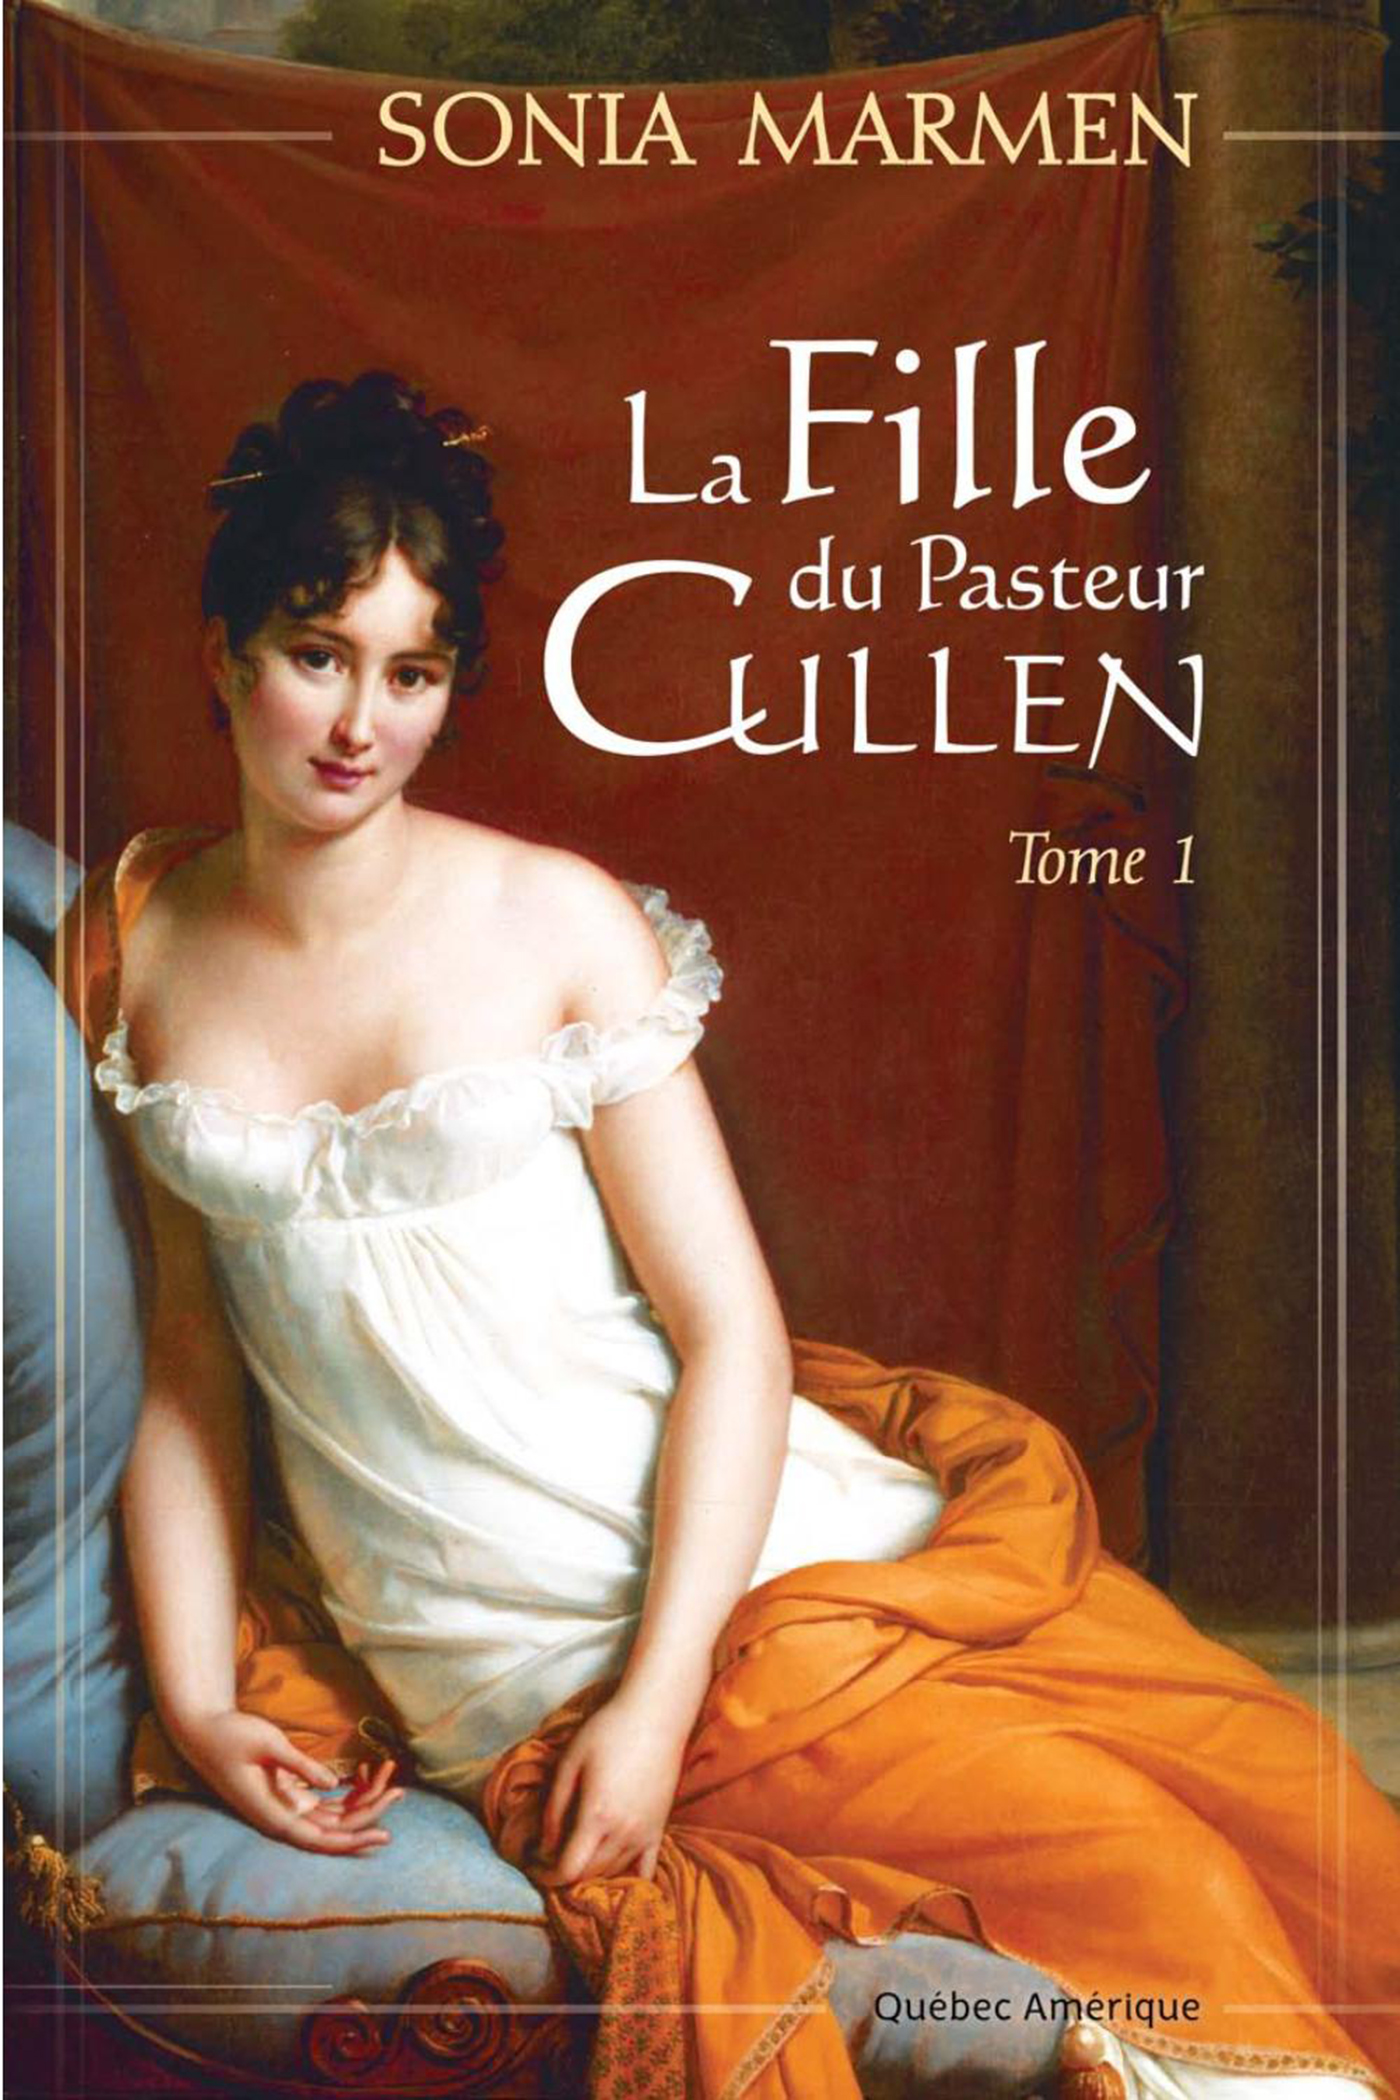 La Fille du Pasteur Cullen, Tome 1